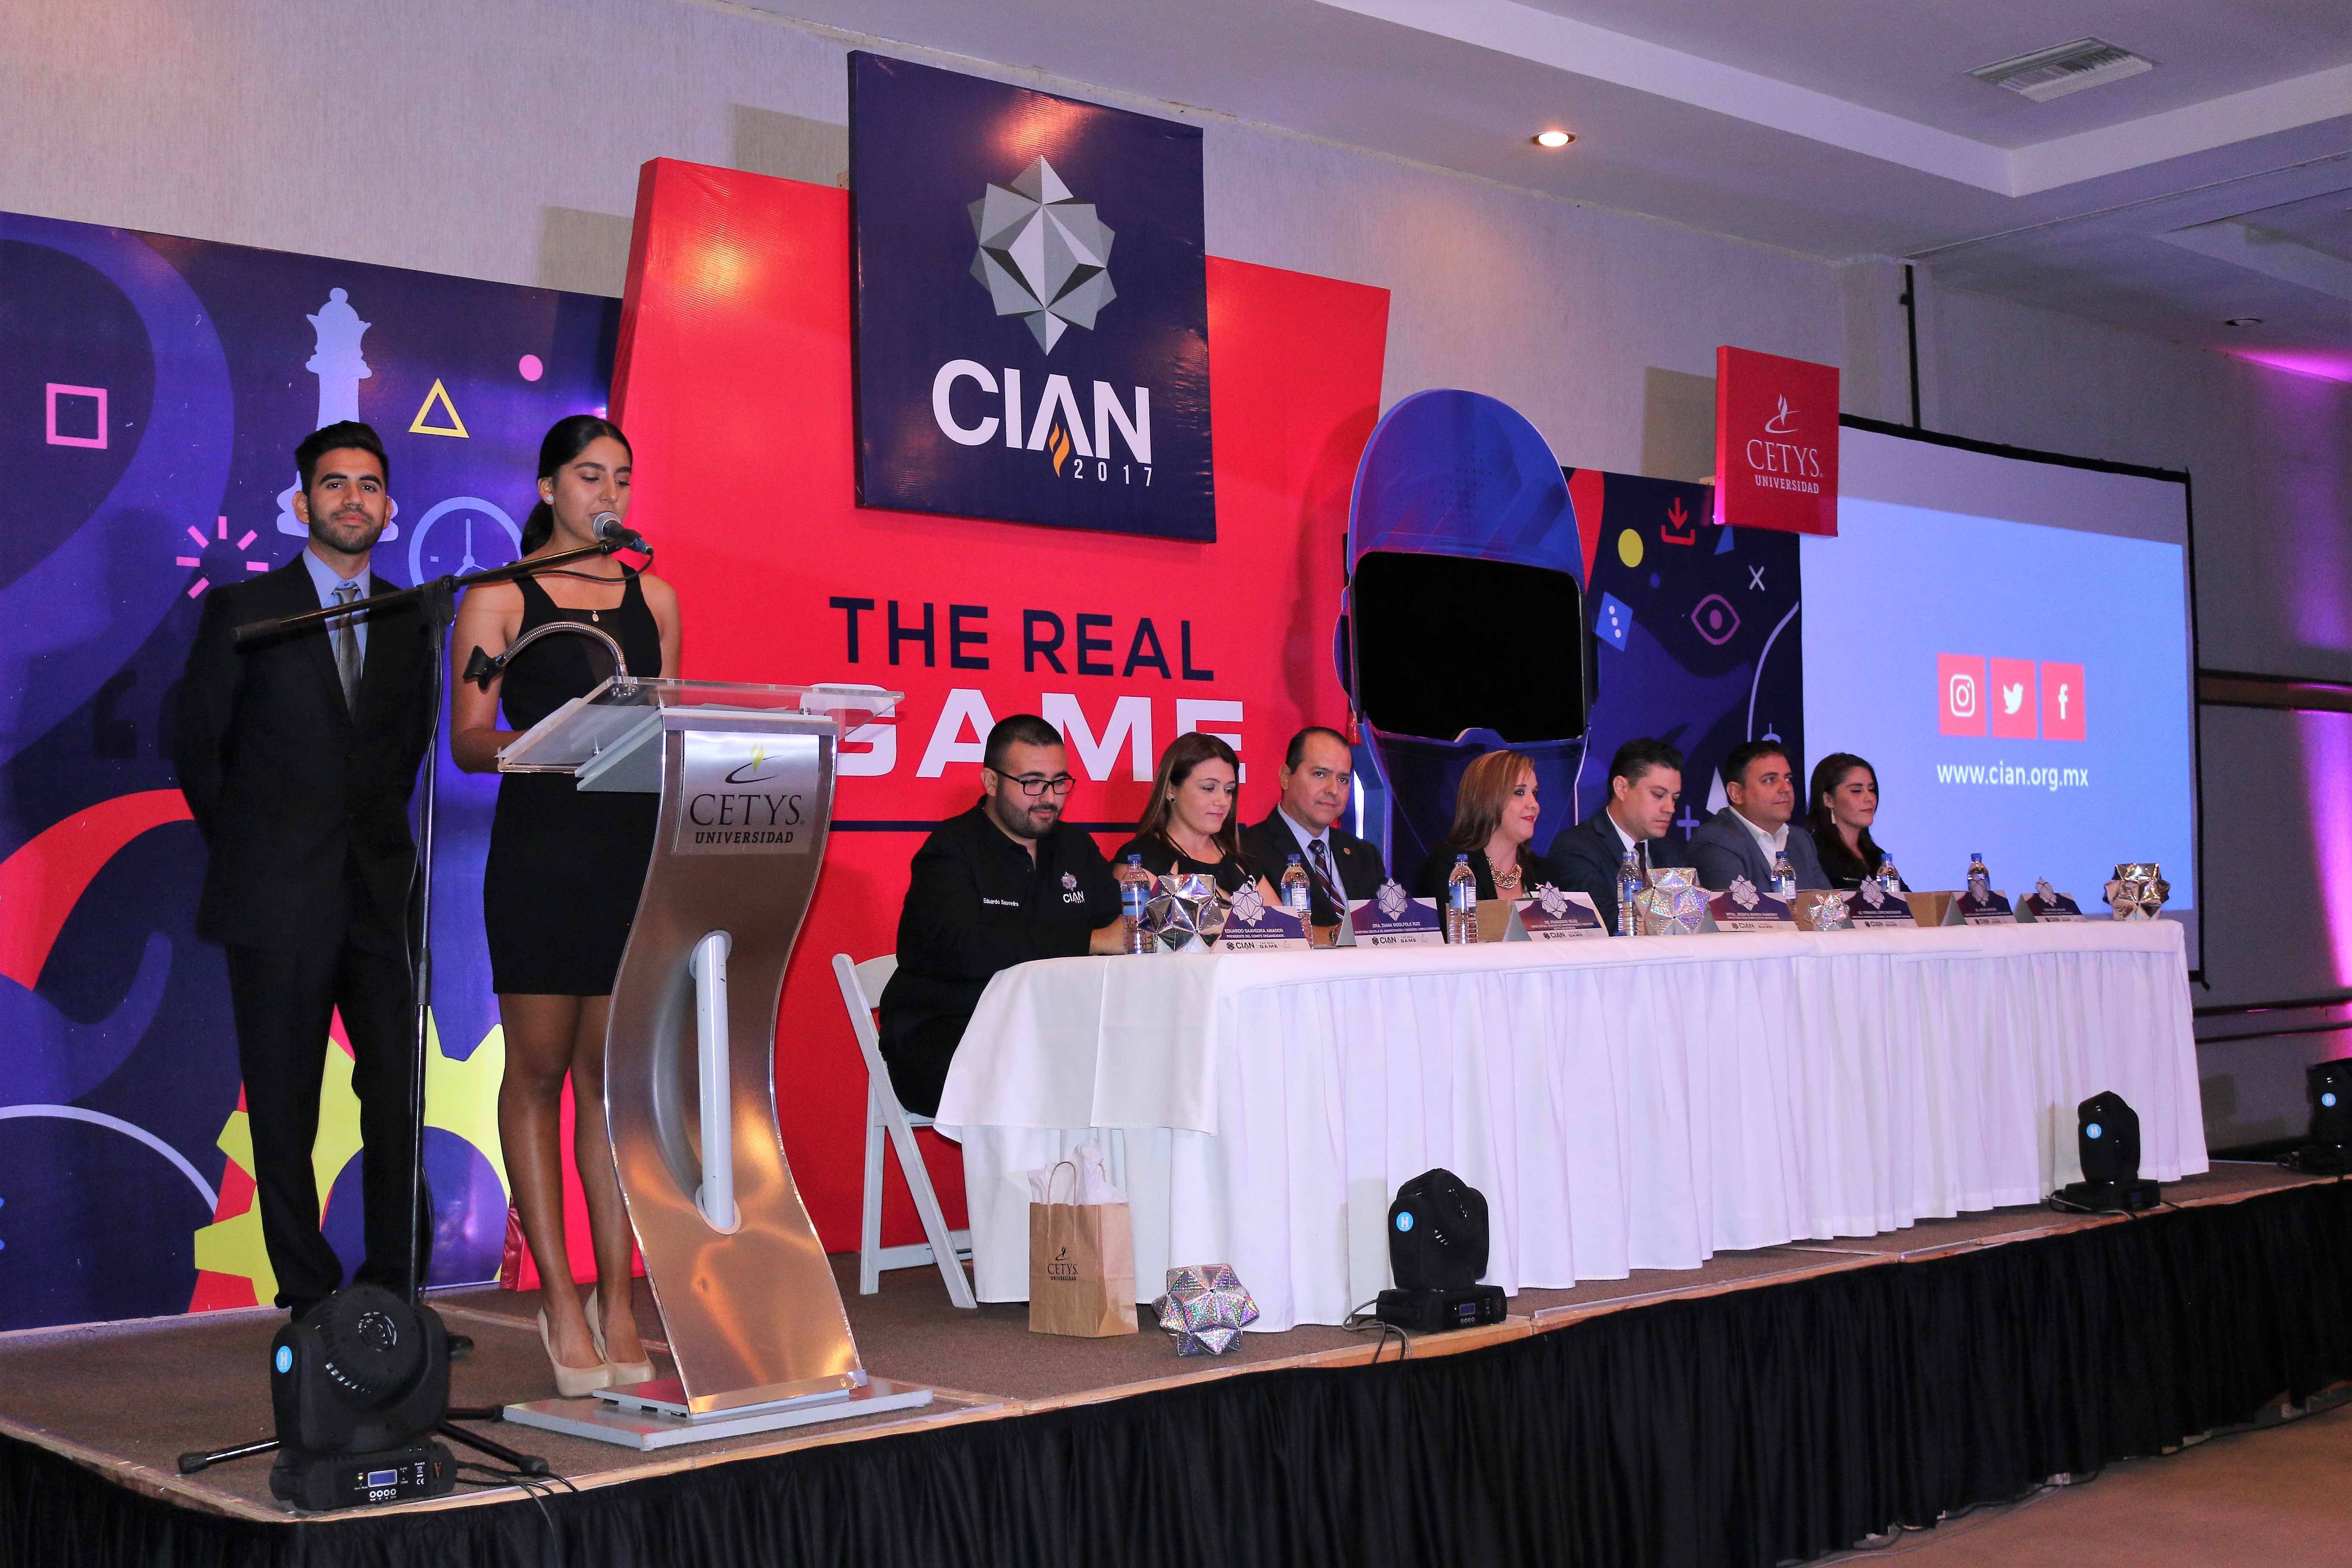 En México hacen falta jóvenes que desarrollen ideas y crezcan aquí: CIAN 2017